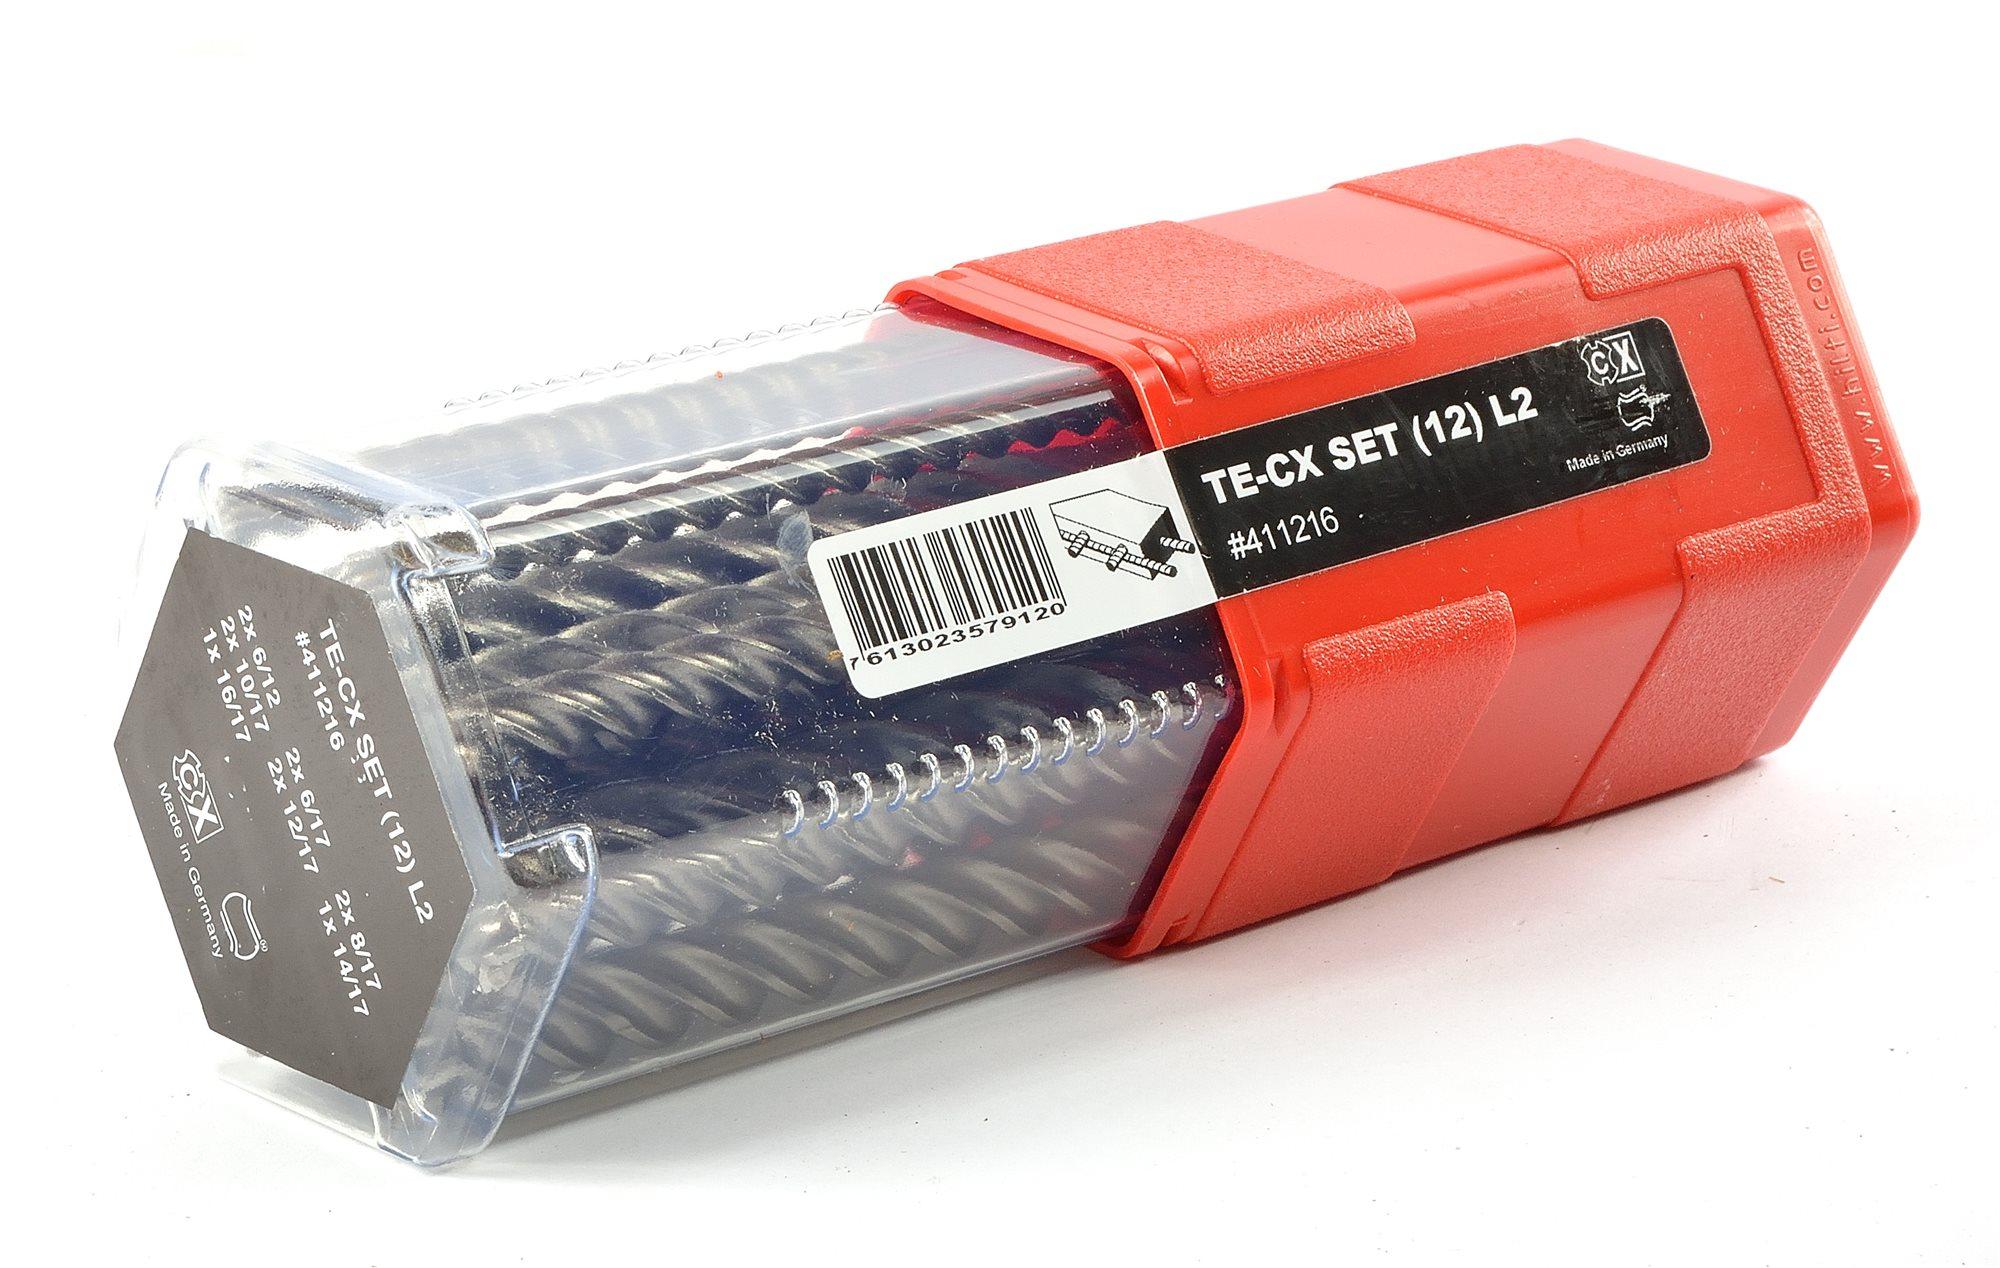 Hilti Hammerbohrer TE-CX (12) L2 Satz 12 Bohrer lokal in deutschen Stores für 58,31 Euro oder plus 17,90 Versand PVG 118,50. Ab 100 € VK-frei